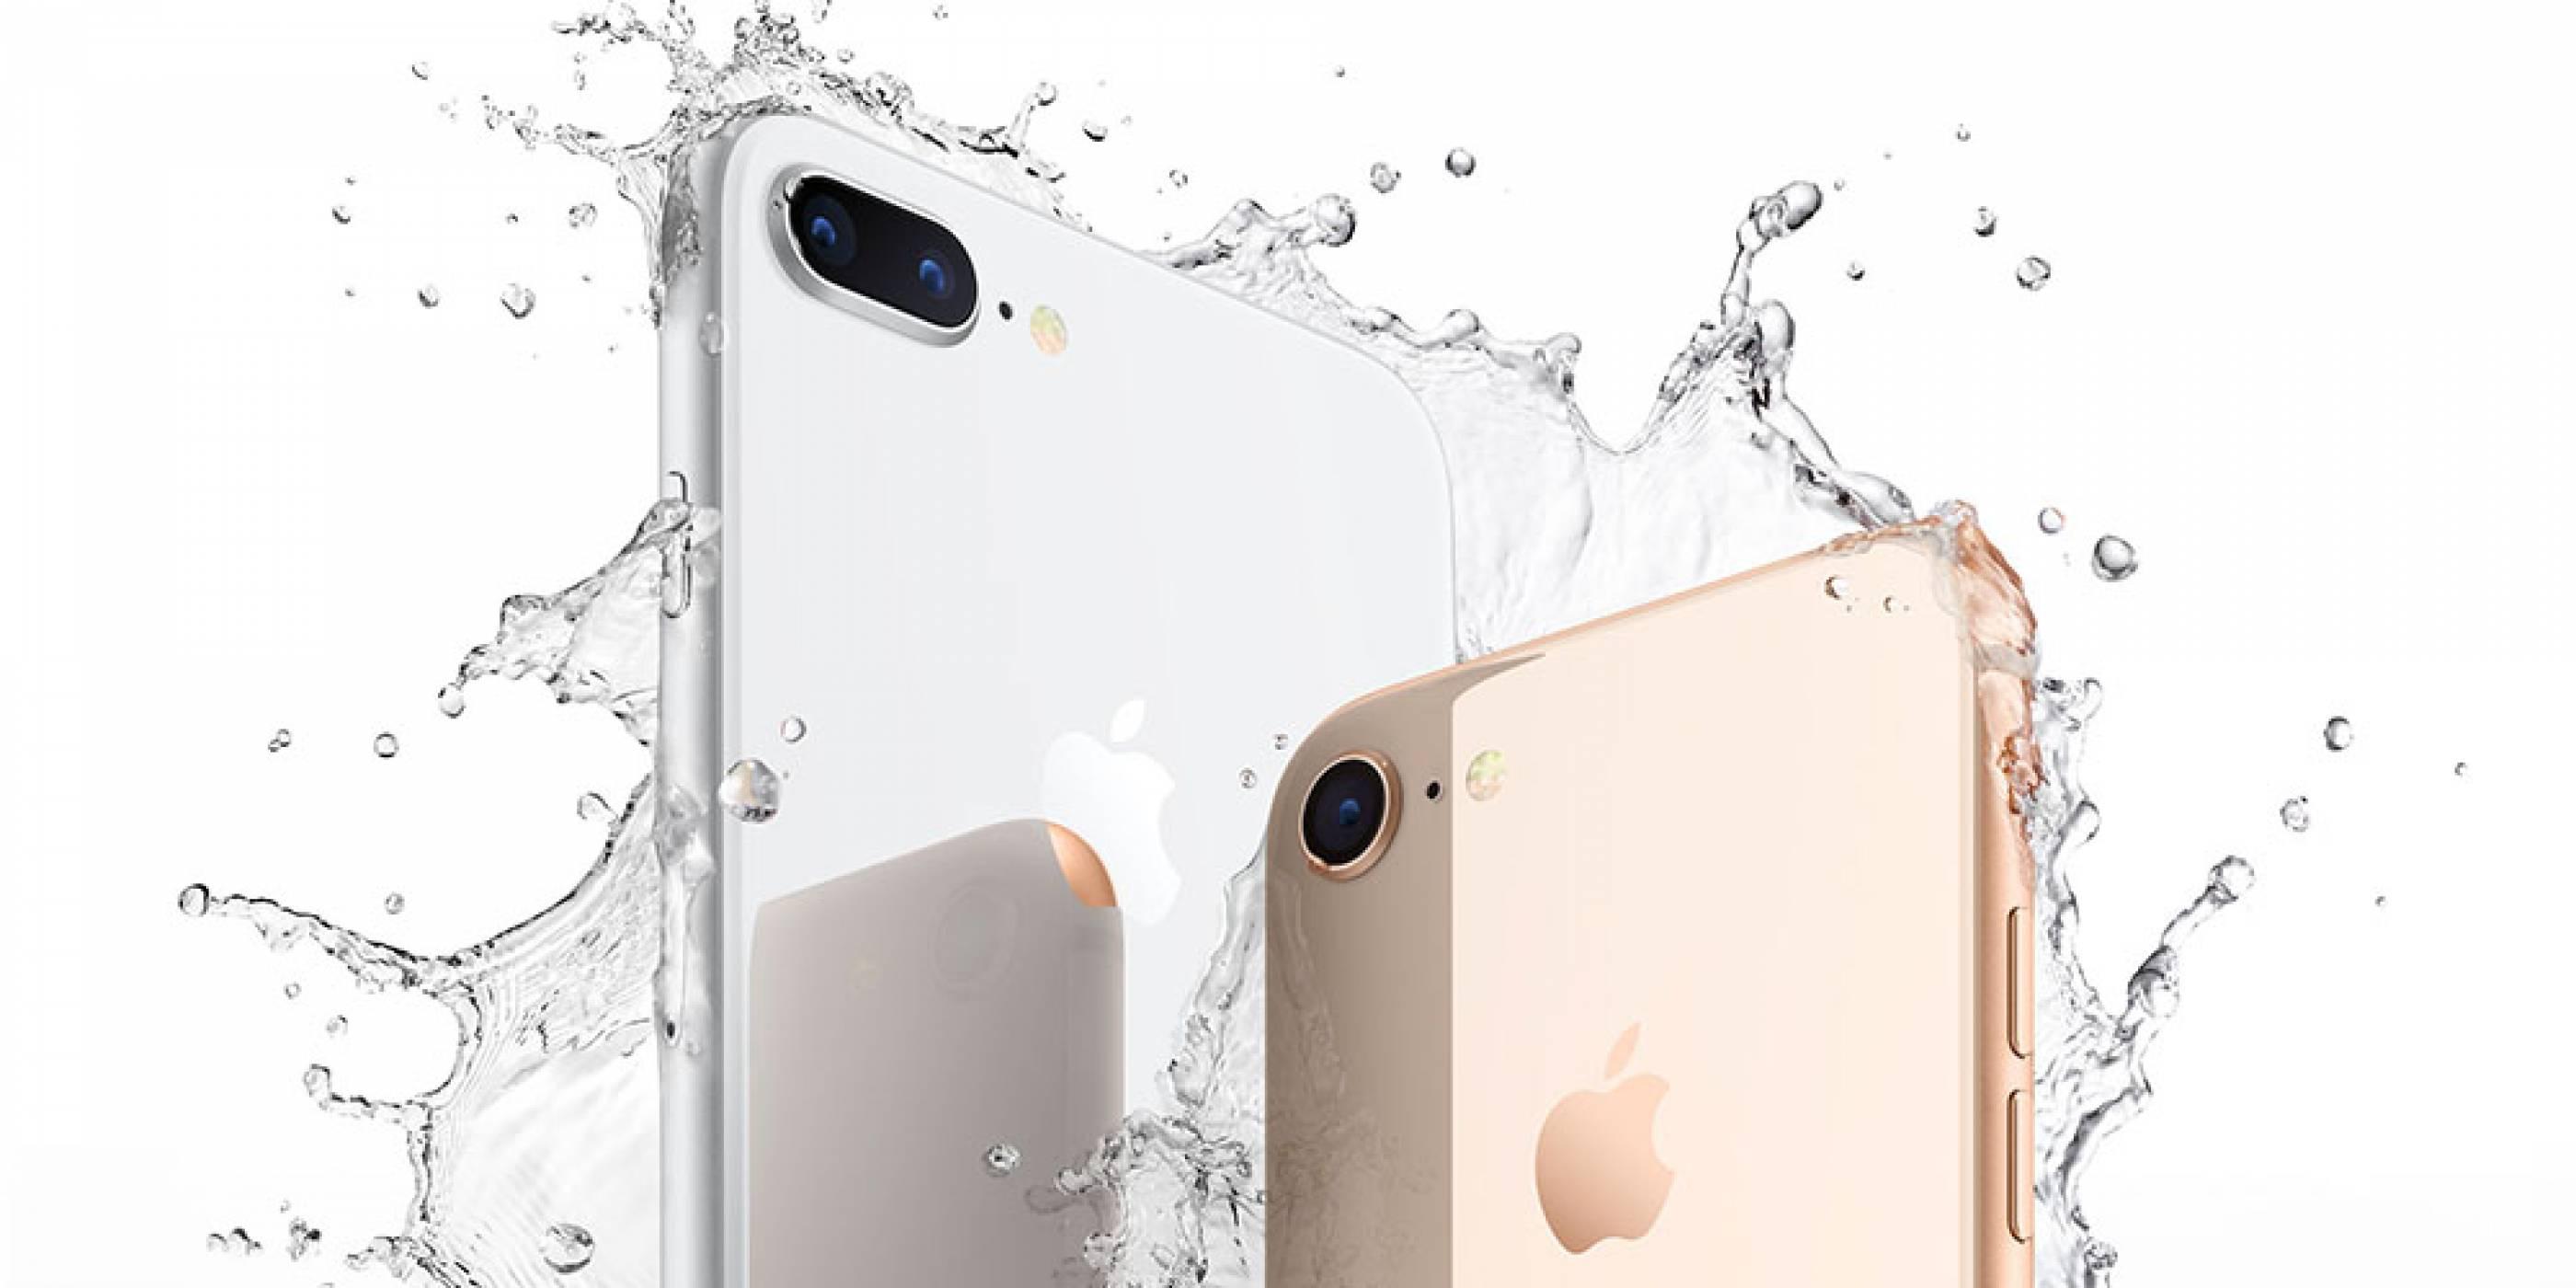 iPhone 8 Plus е новият крал на мобилната фотография според DxOMark